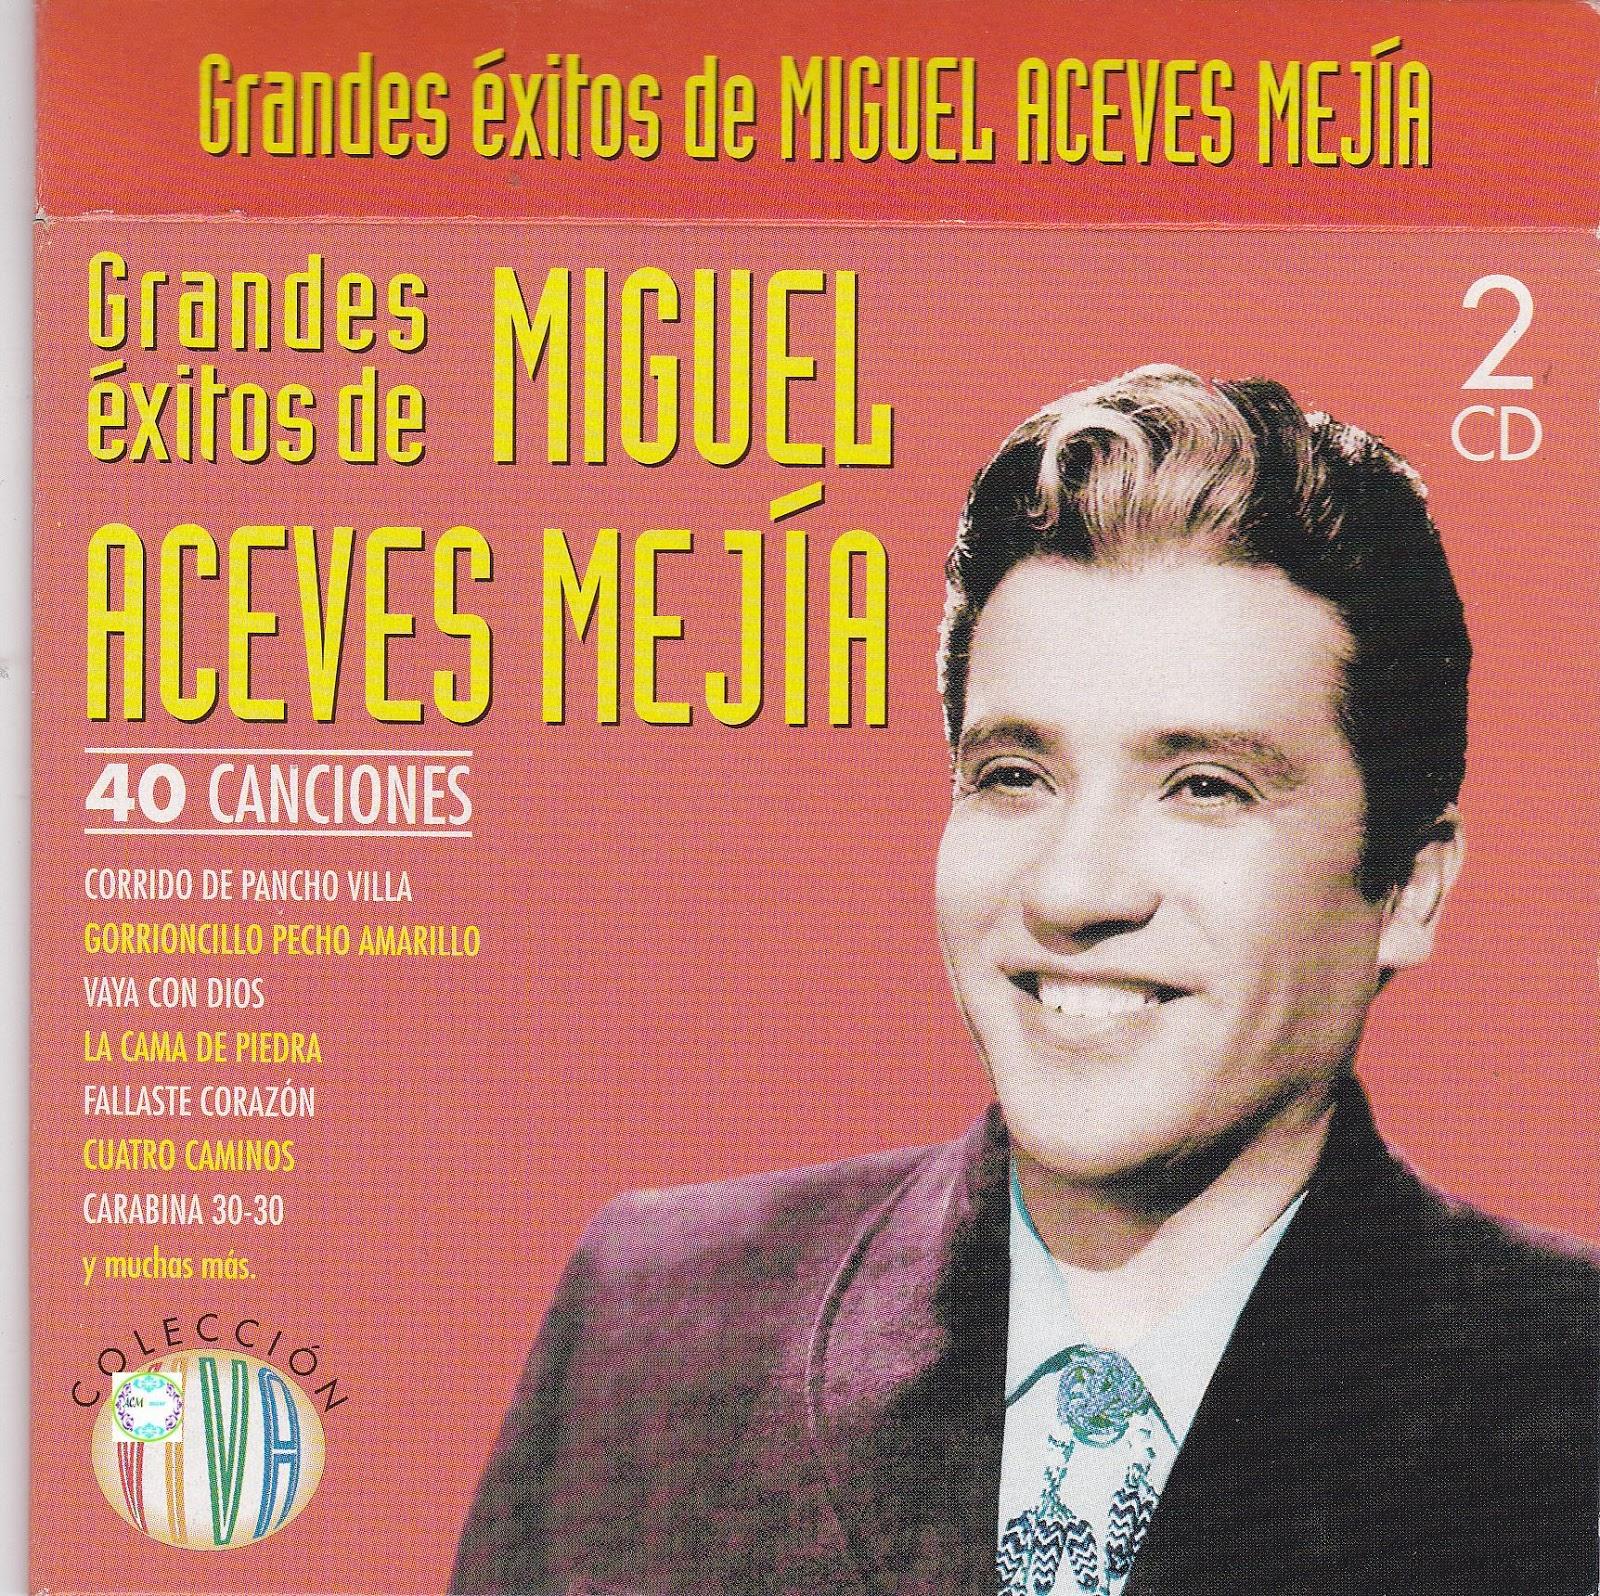 Charles Aznavour Platinum 2004 (2CDs) 320k (musicfromrizzo)